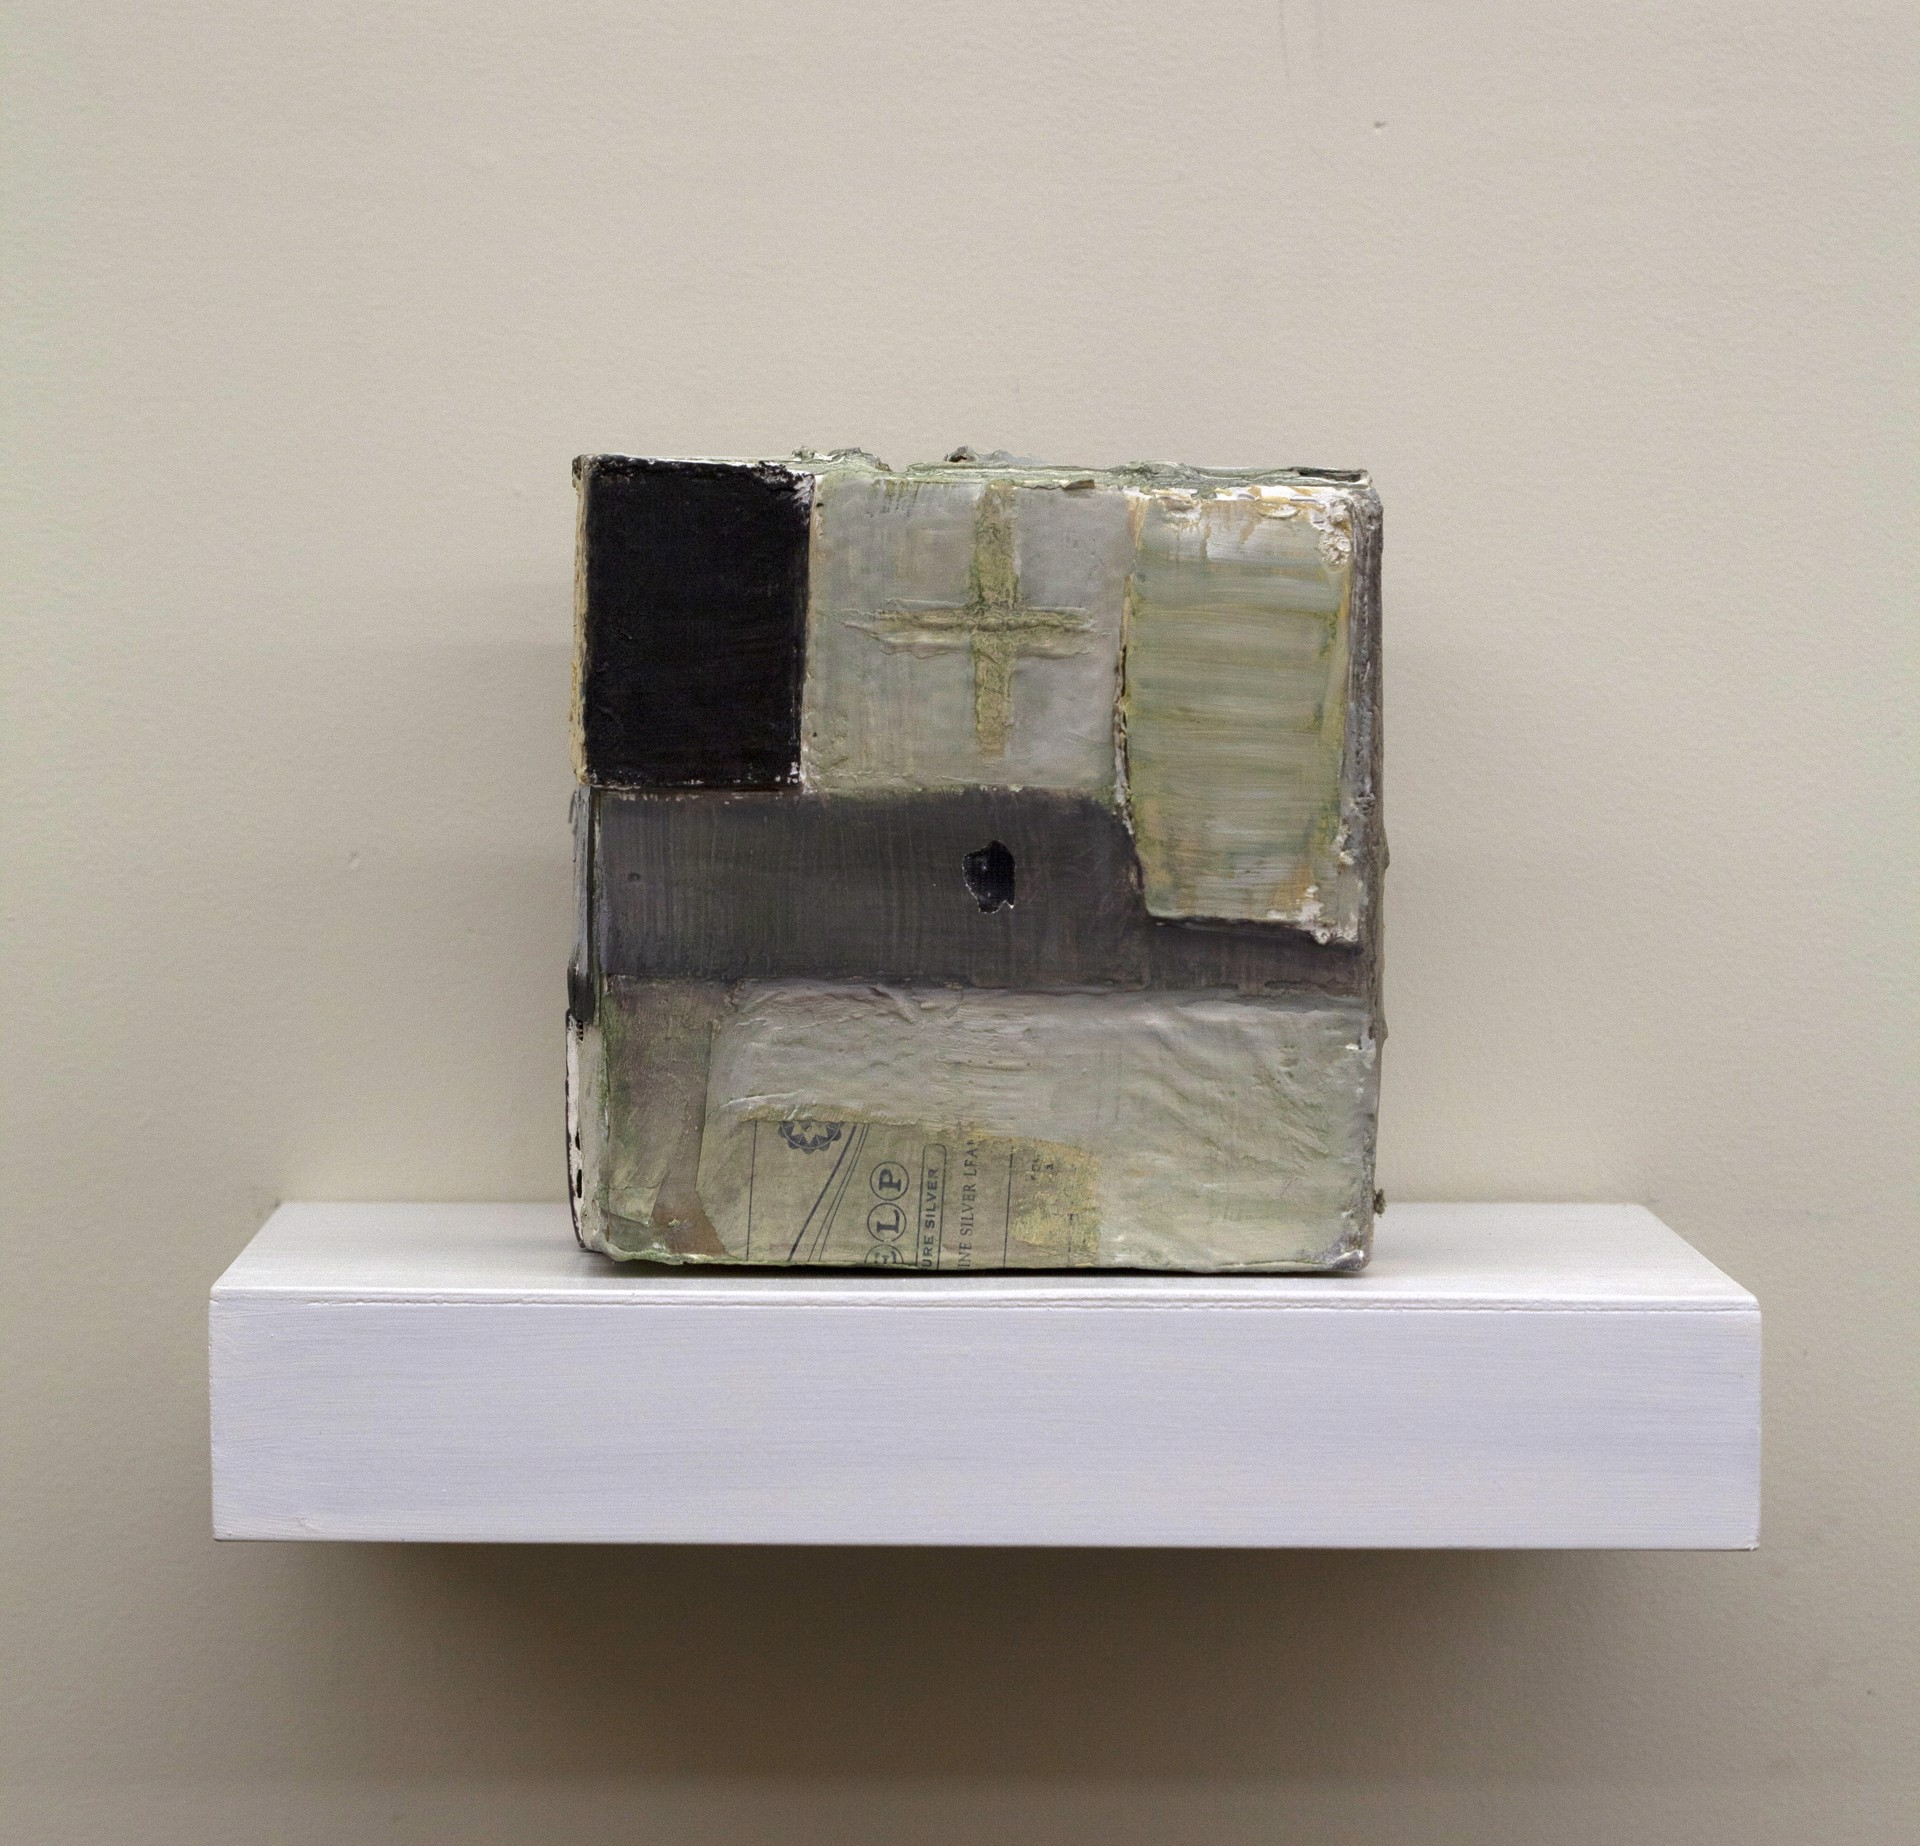 Box 2 by John McCaw